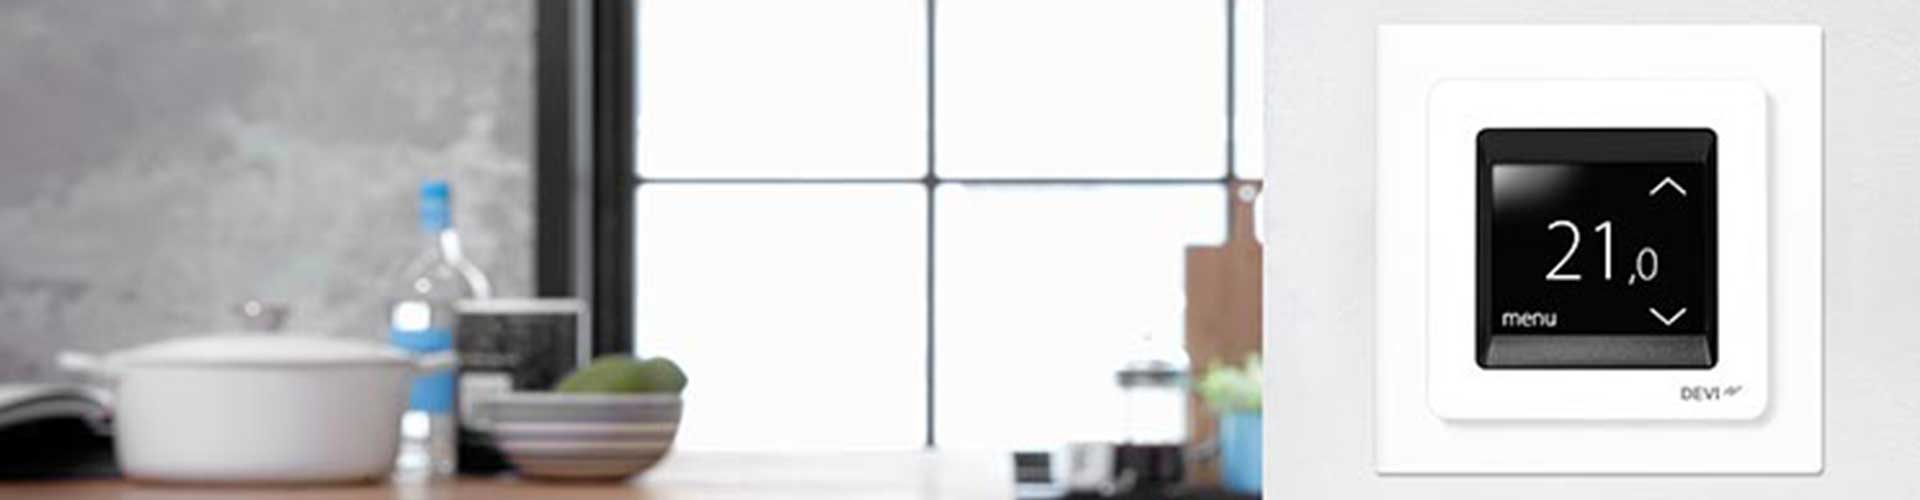 Termostat do ogrzewania podłogowego zamontowany w salonie